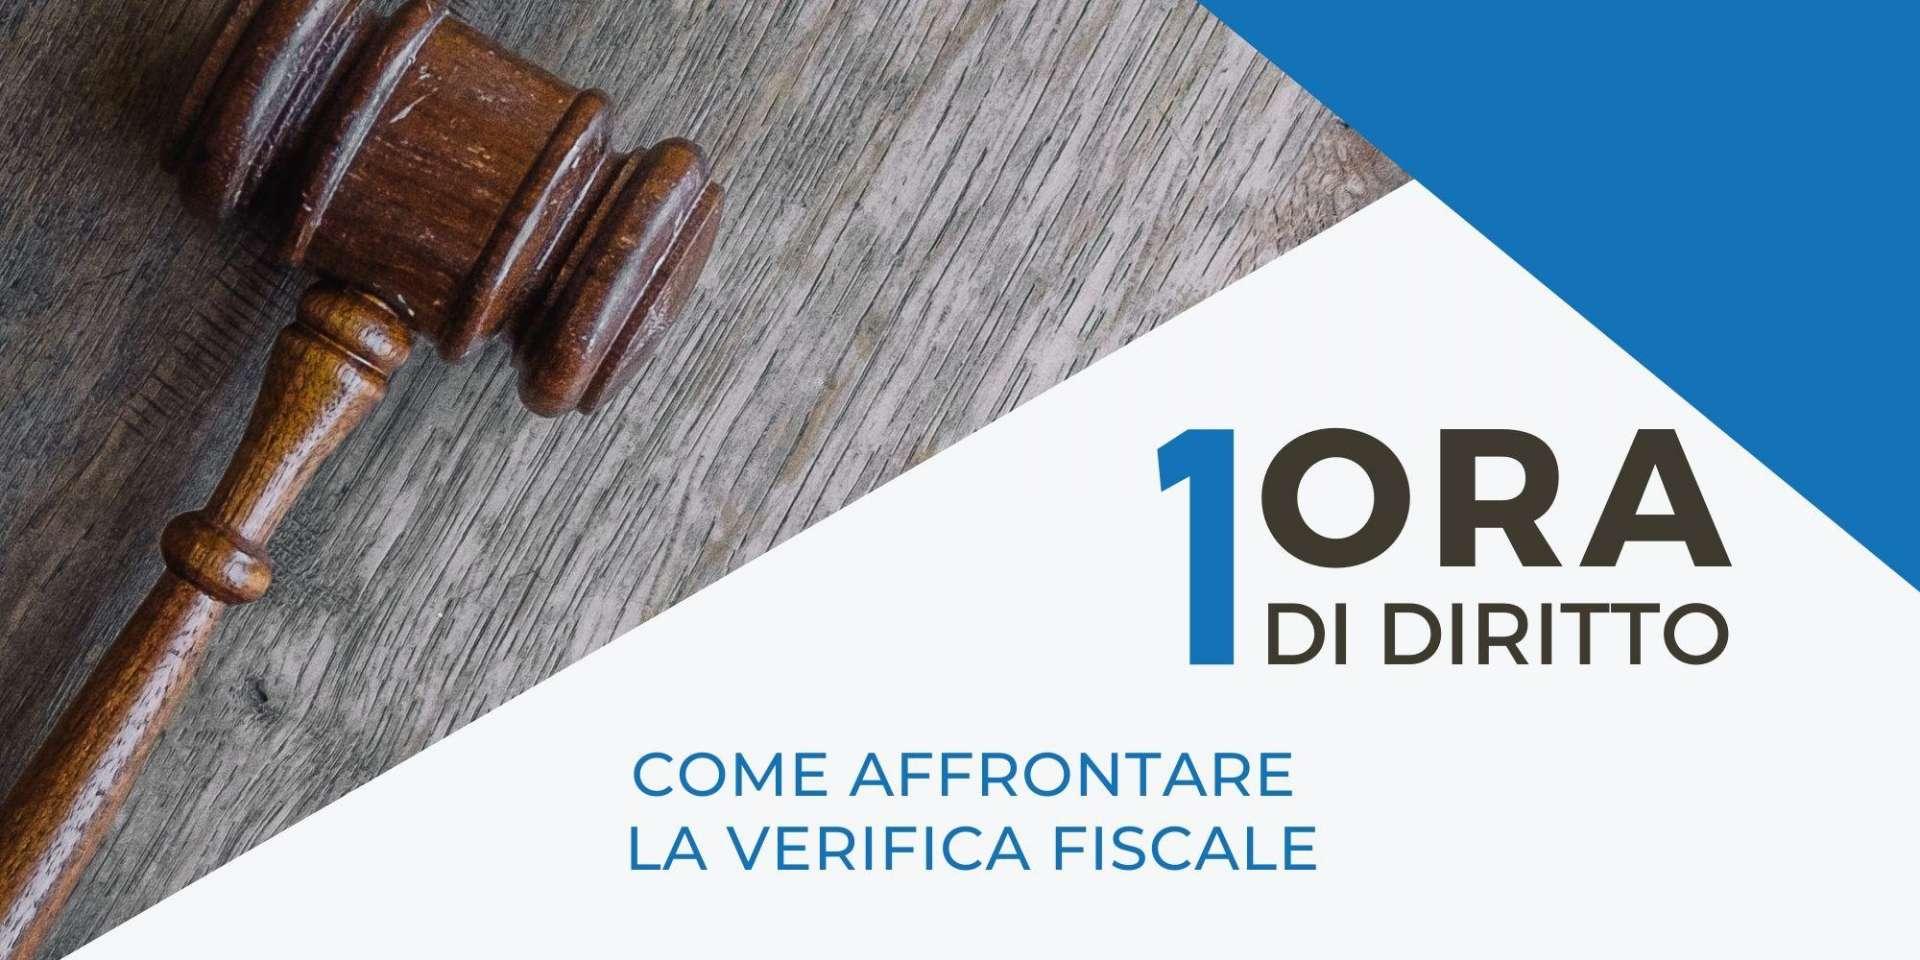 EVENTO ANNULLATO - 1Ora di diritto - Come affrontare la verifica fiscale